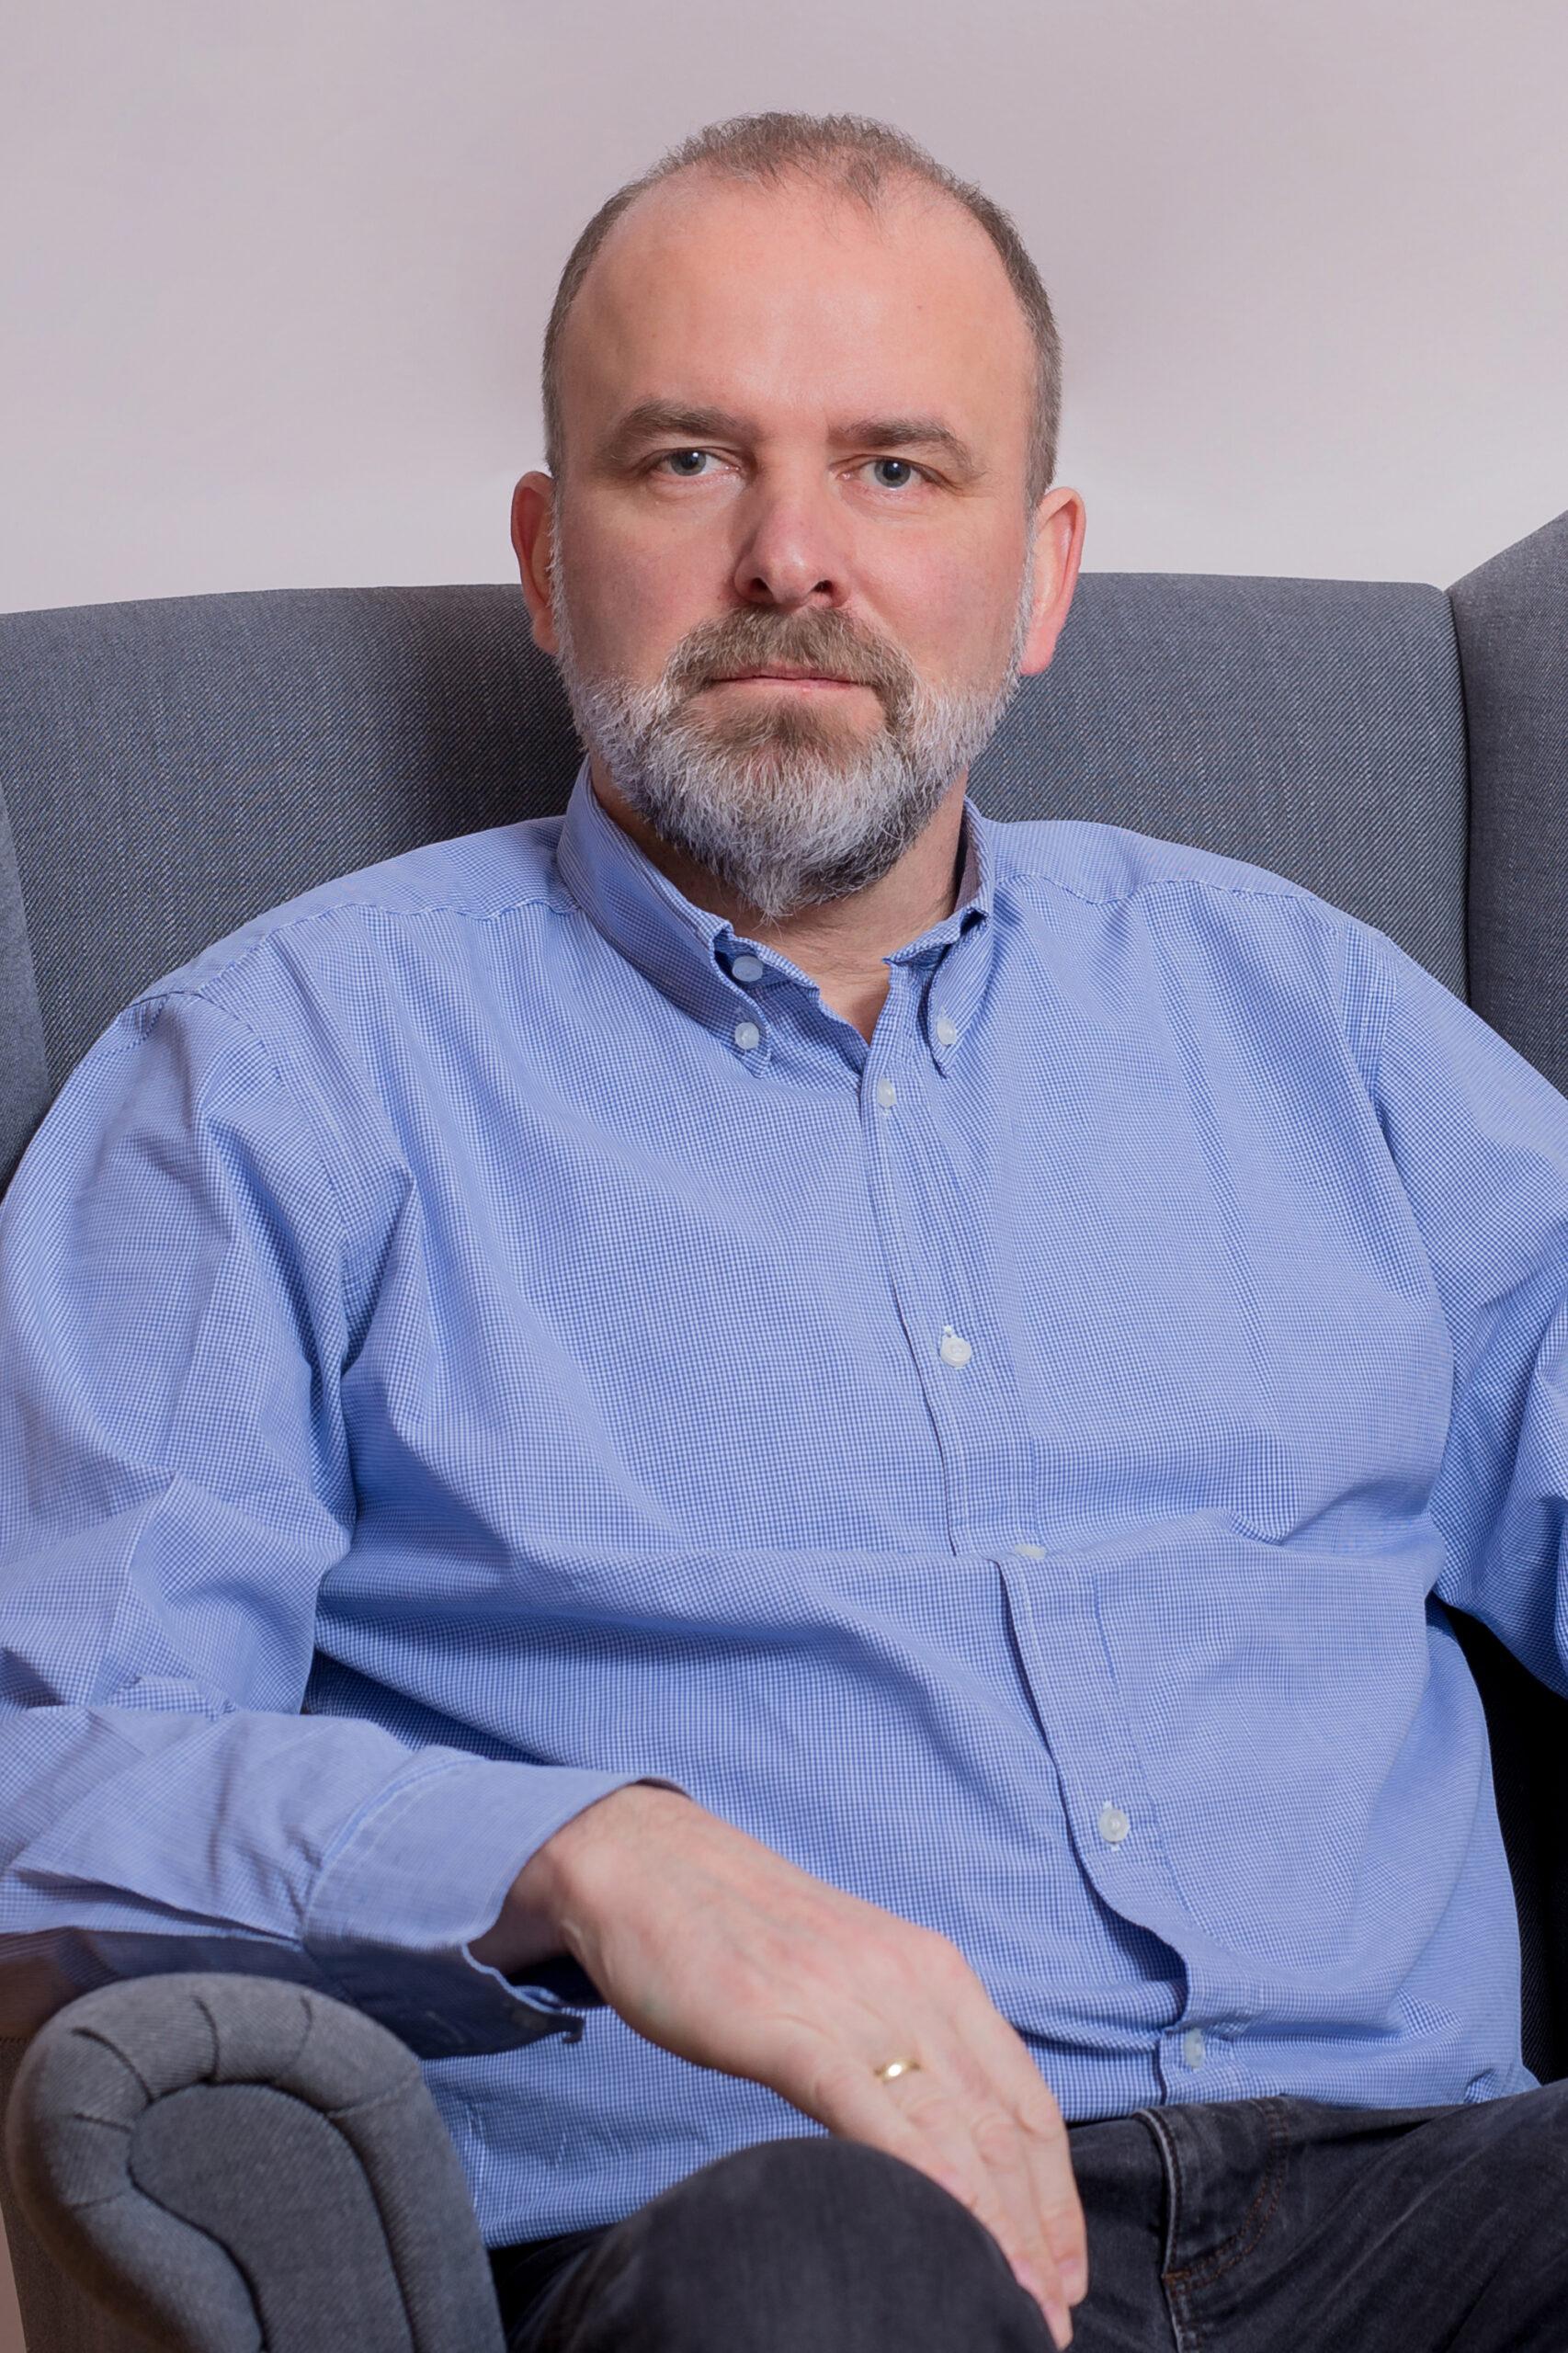 andrzej-wronski-psychoterapeuta